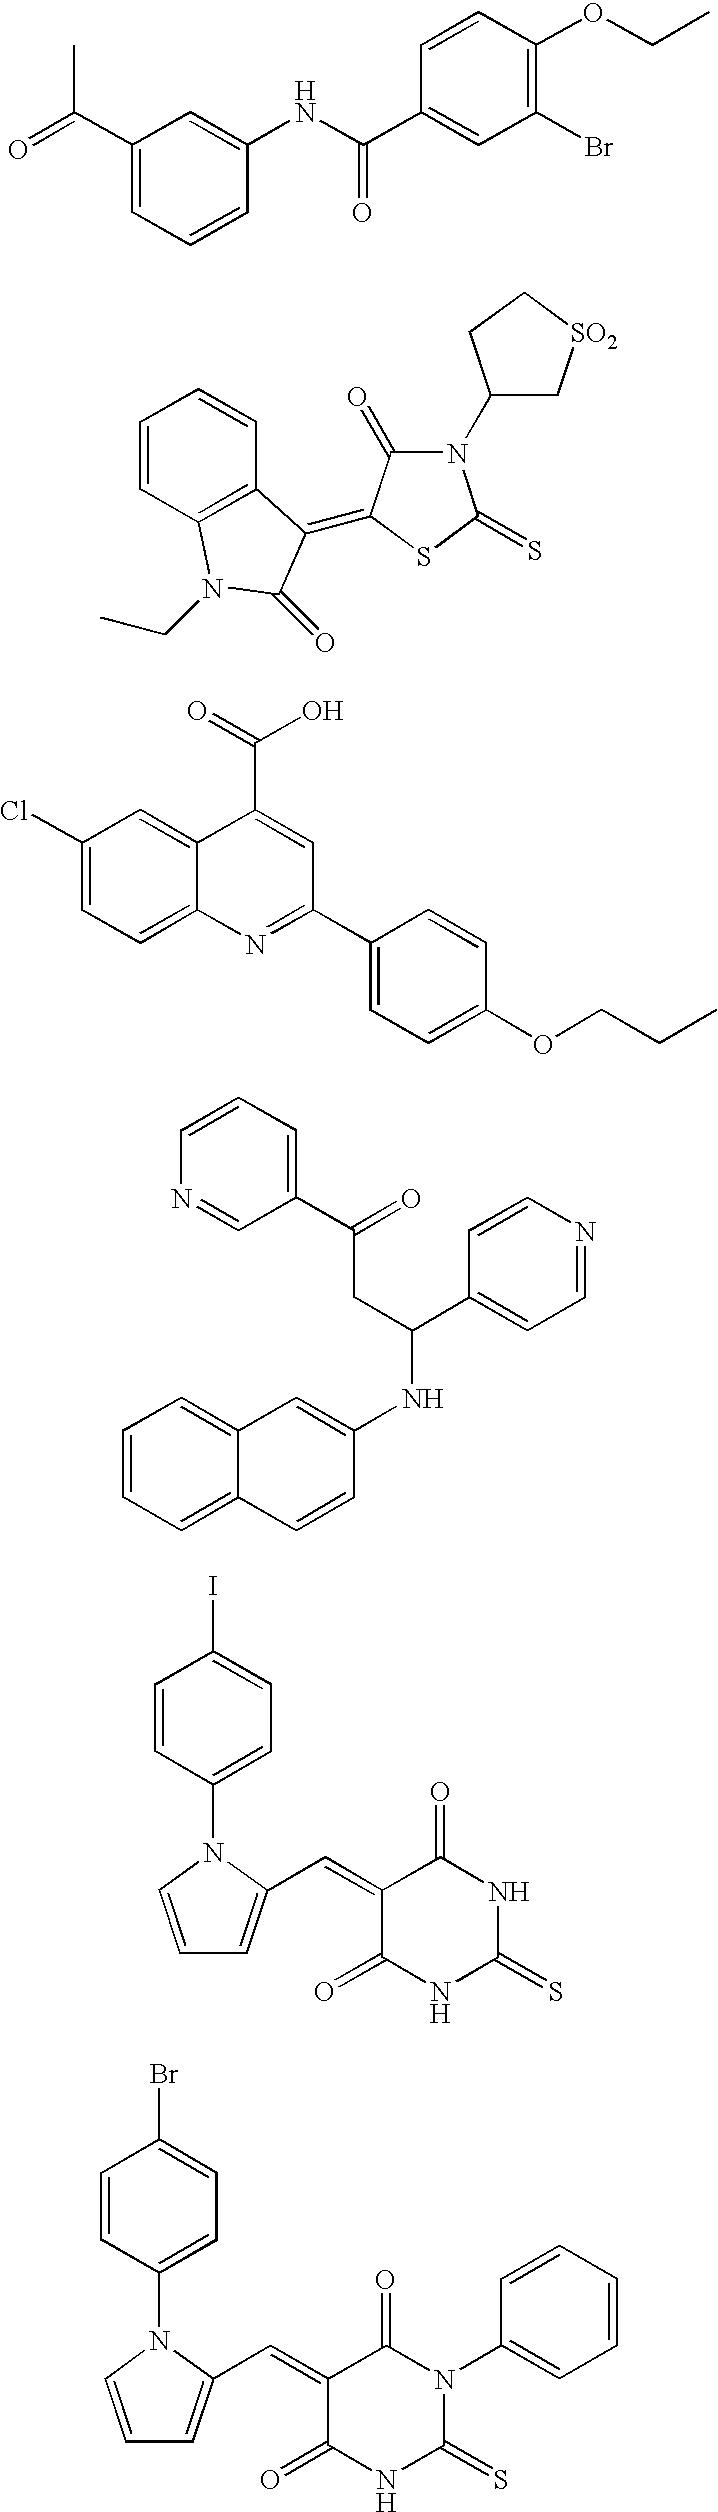 Figure US08119656-20120221-C00027